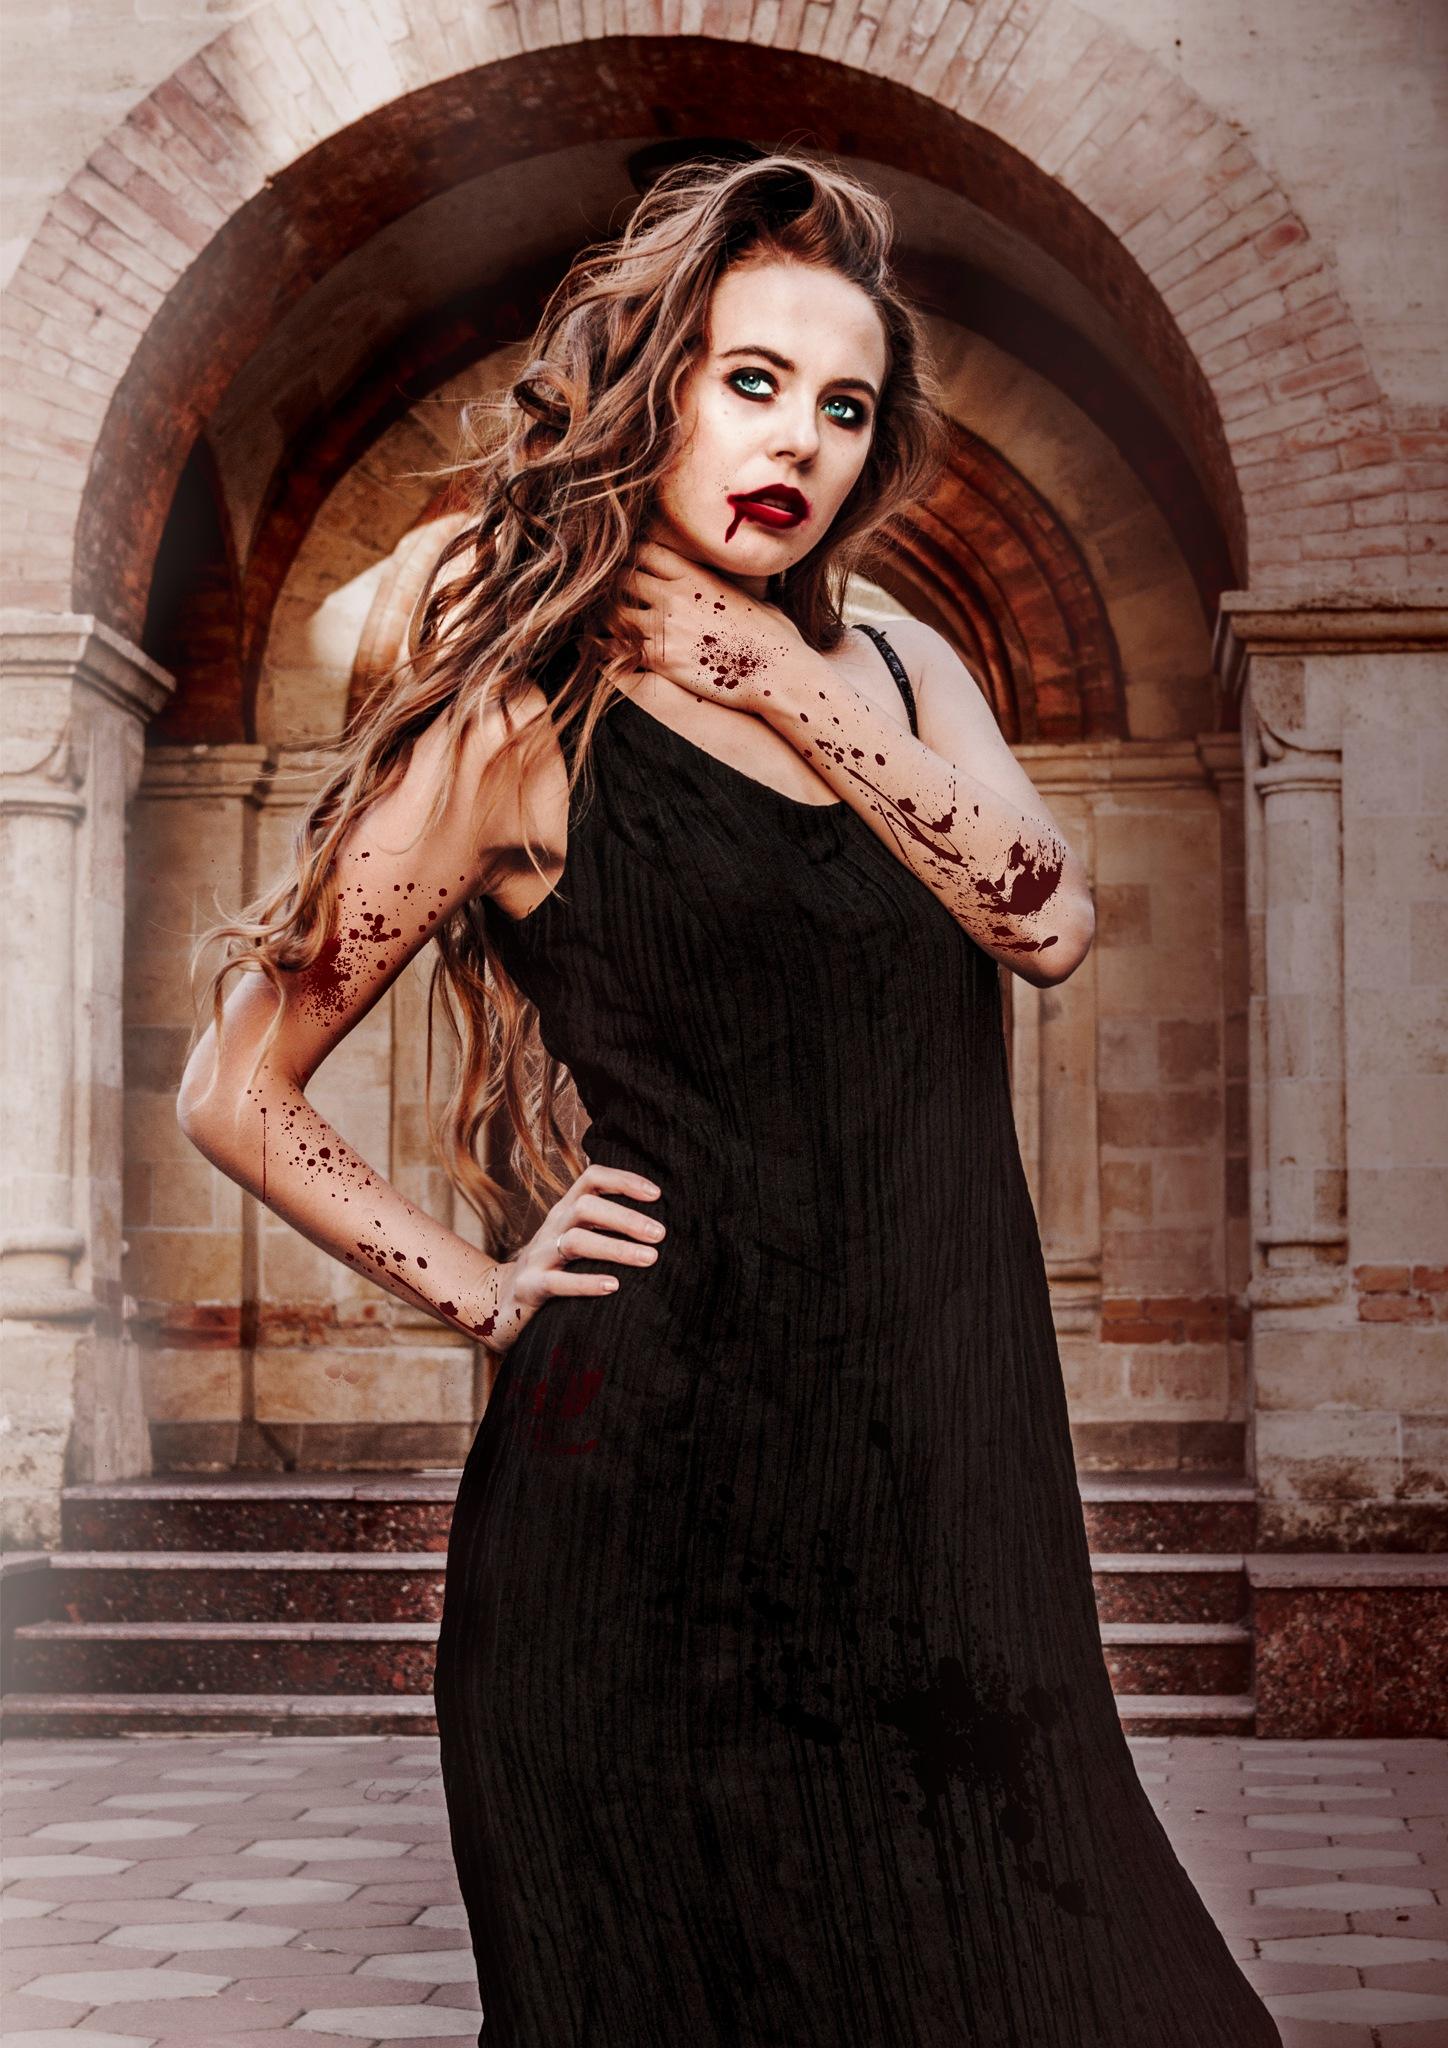 The Lady Vampire by Guy Livshitz